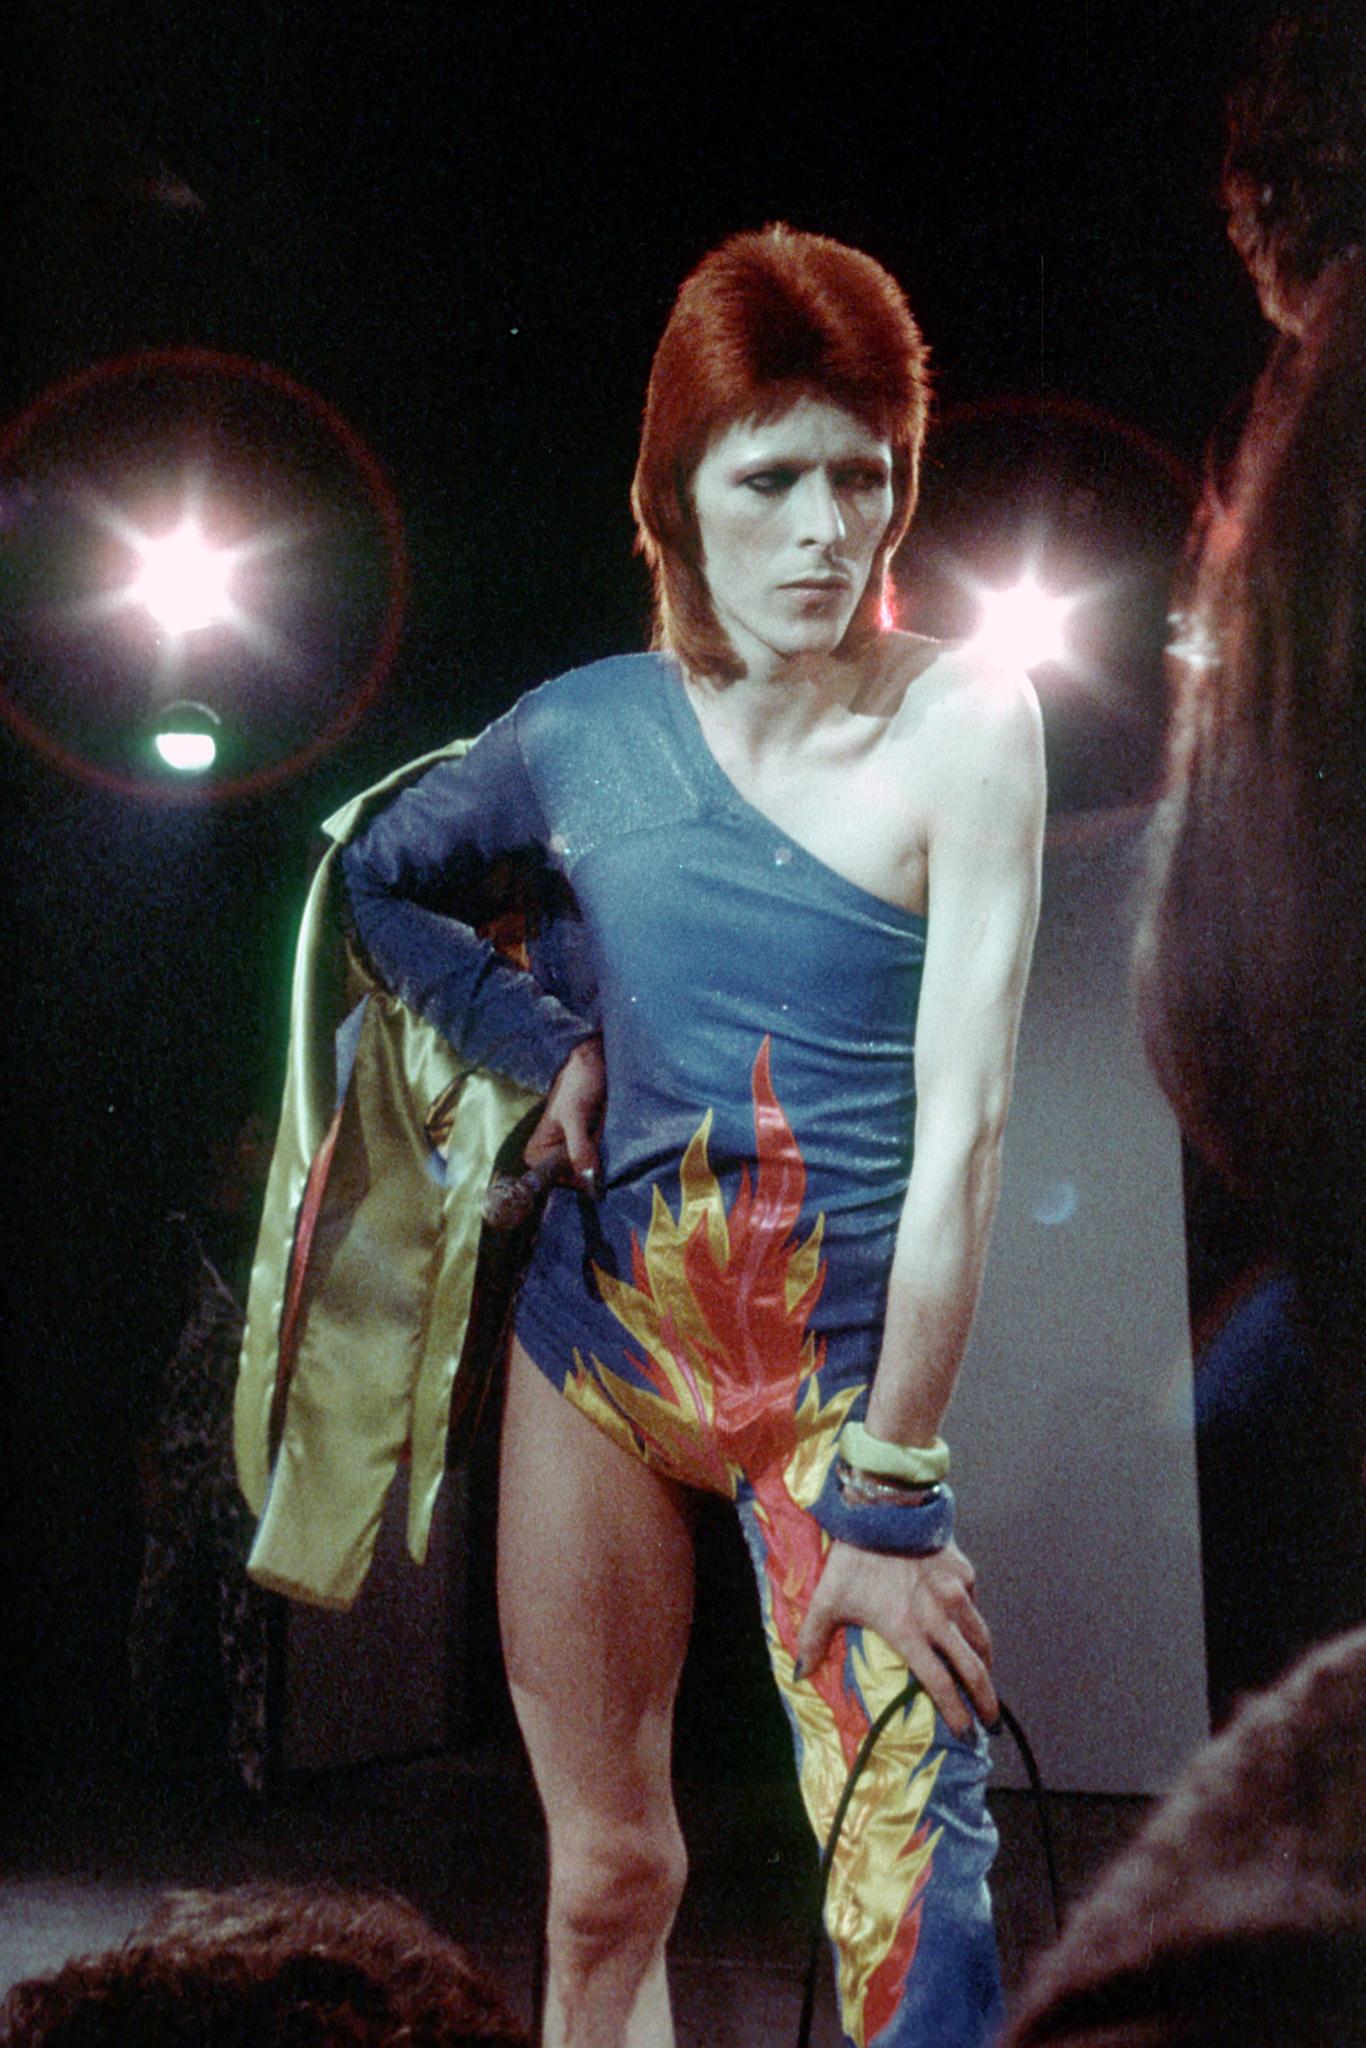 David Bowie passes away at 69.